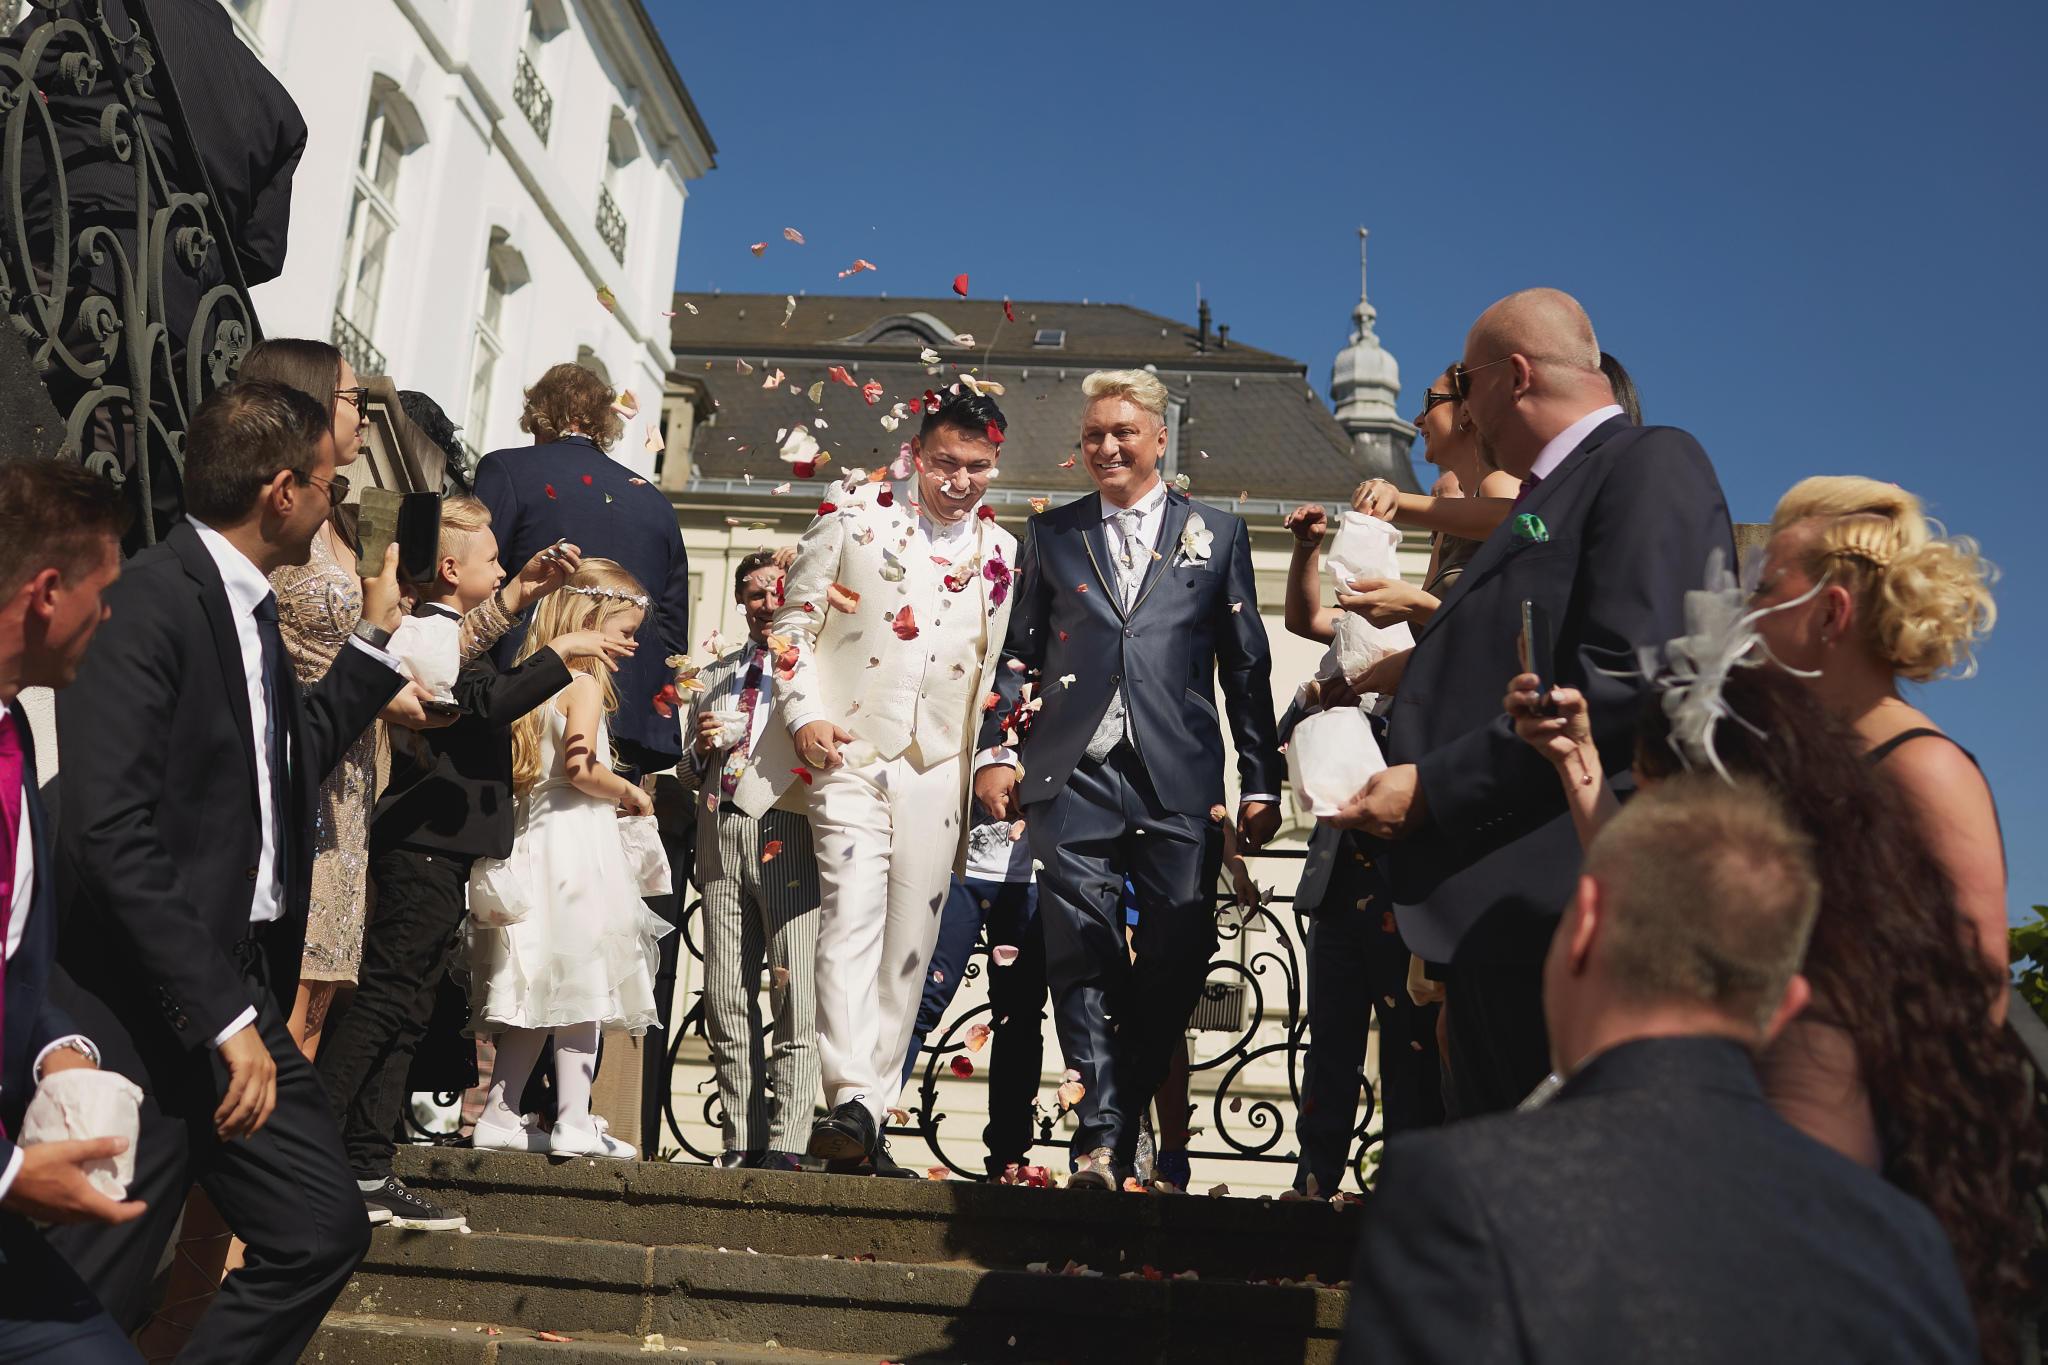 Hubert Und Matthias Hochzeit  Hubert und Matthias So romantisch was das Ja Wort